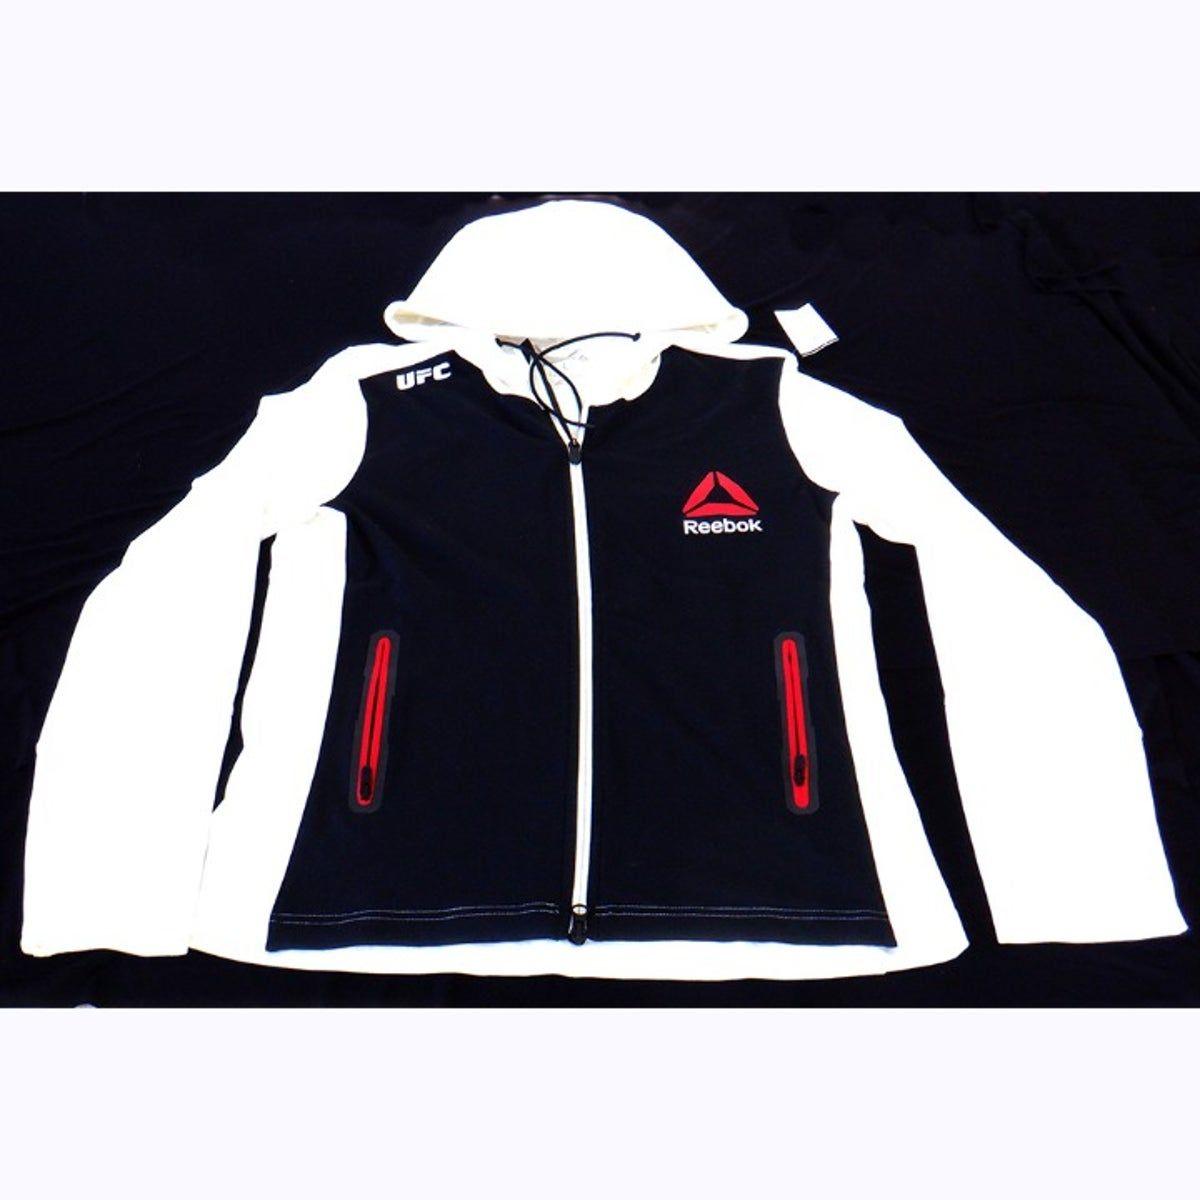 Reebok eyecatching UFC hoodie